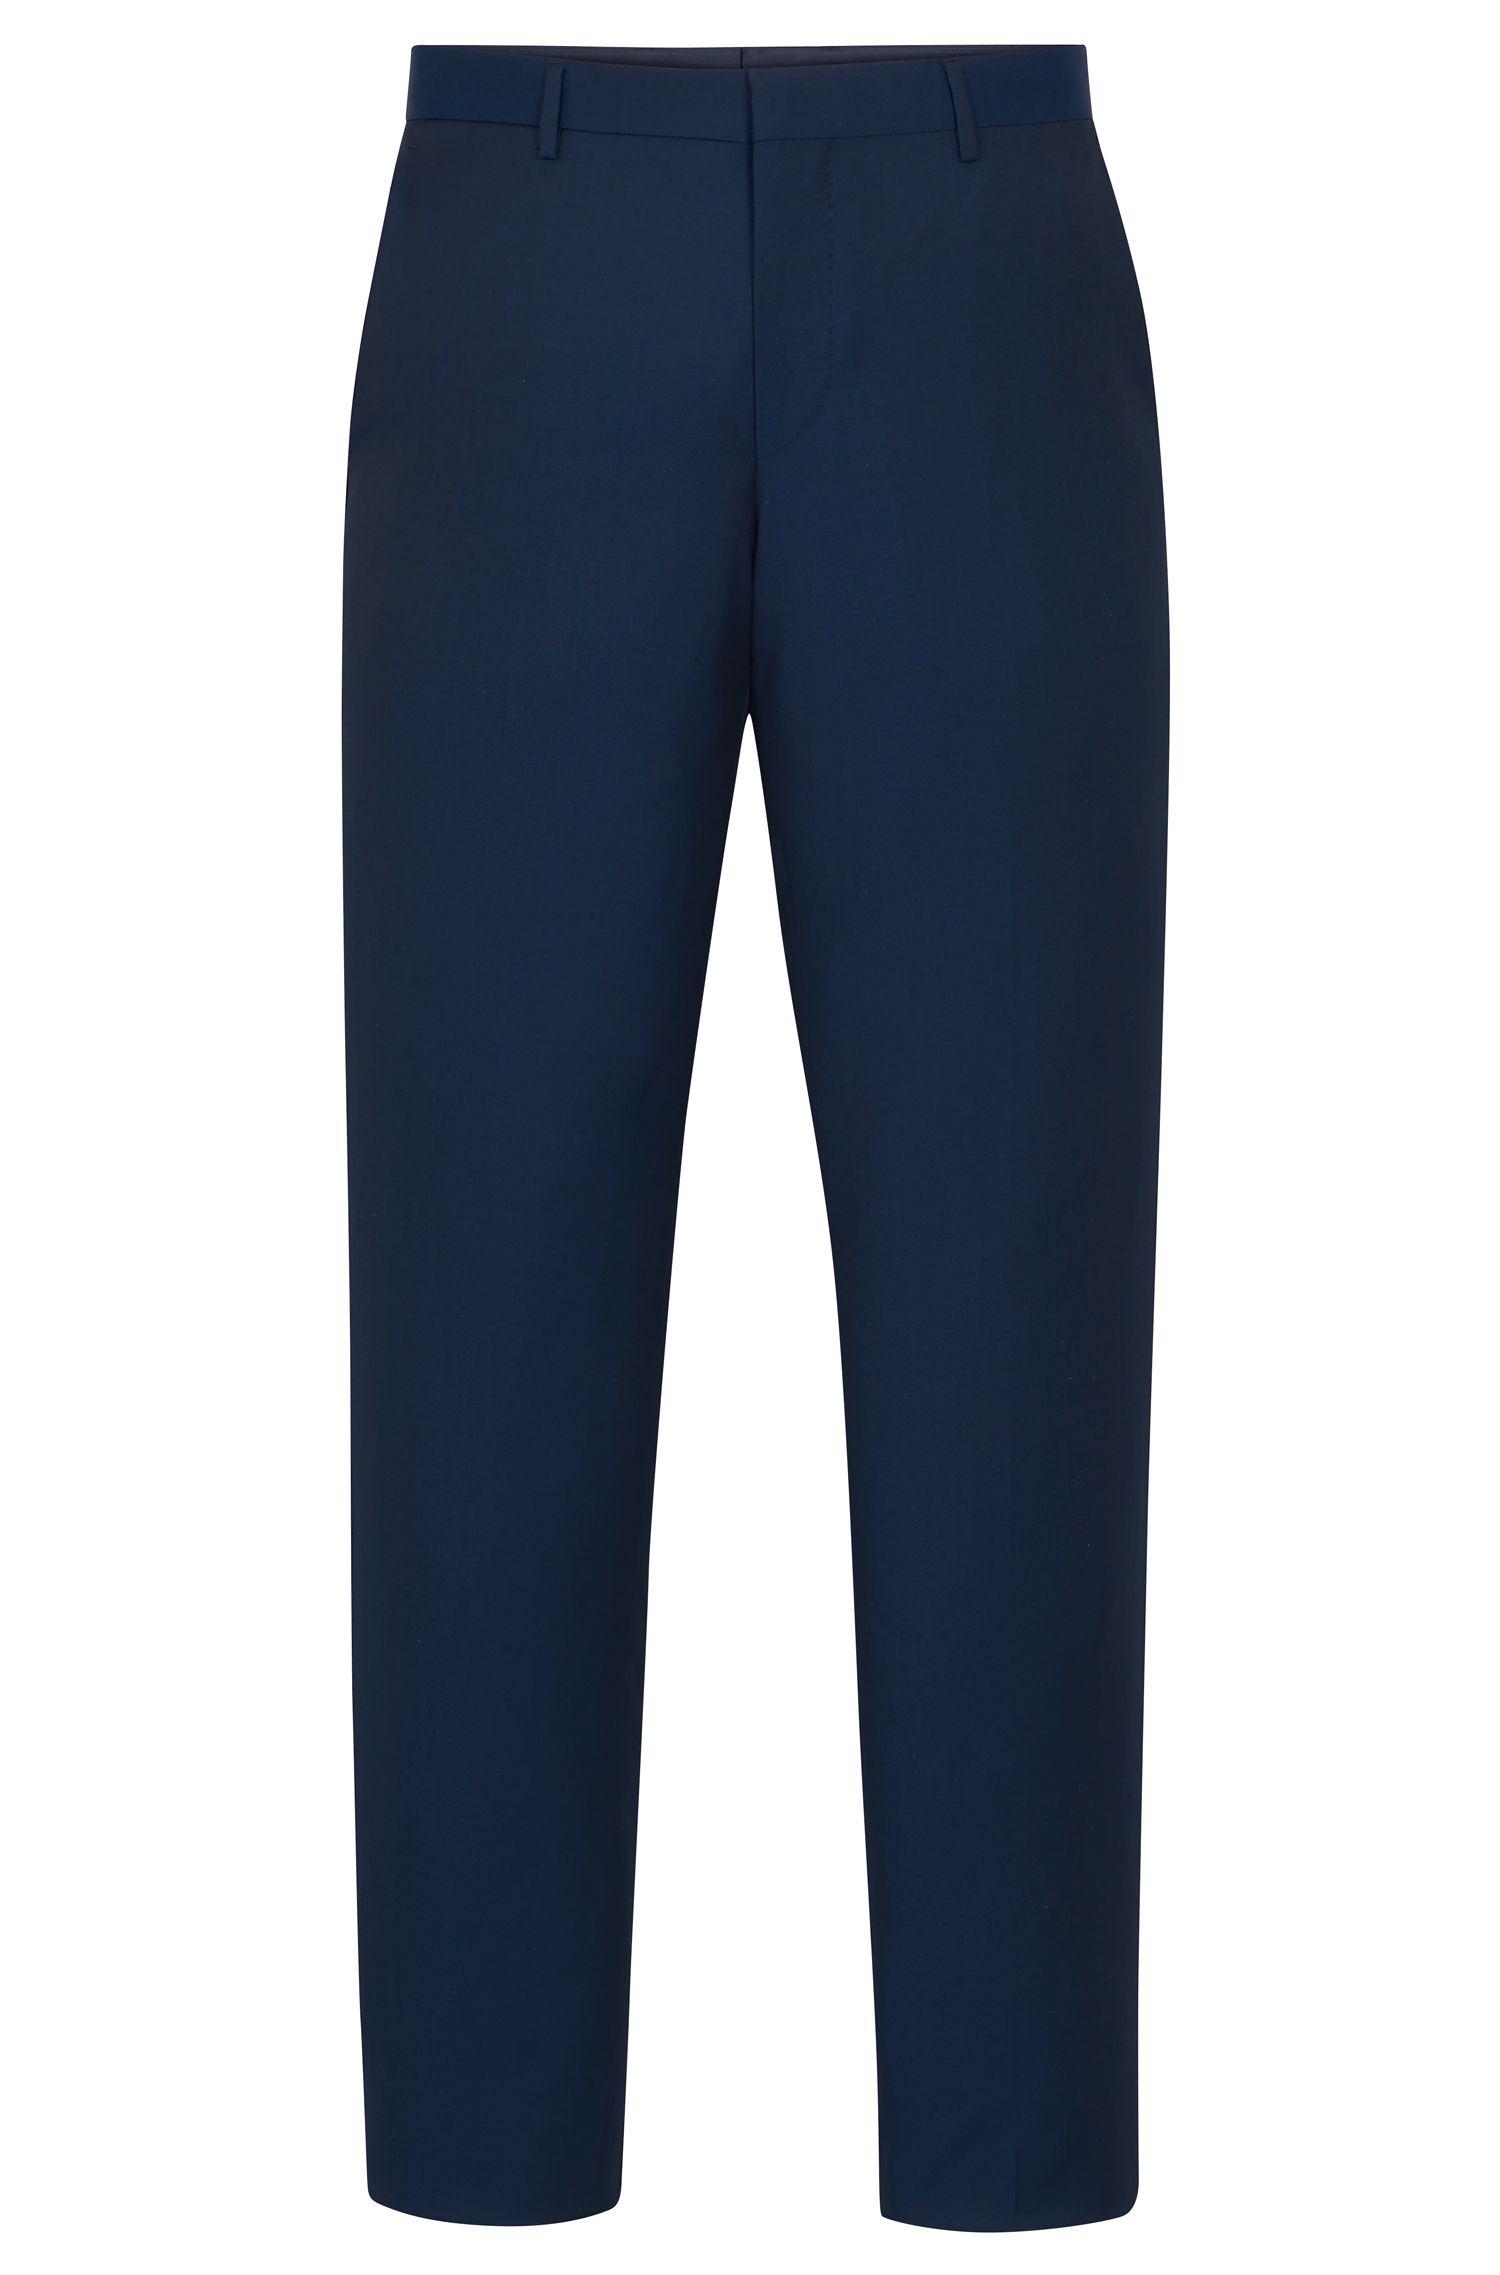 Virgin Wool Dress Pant, Slim Fit | Balte